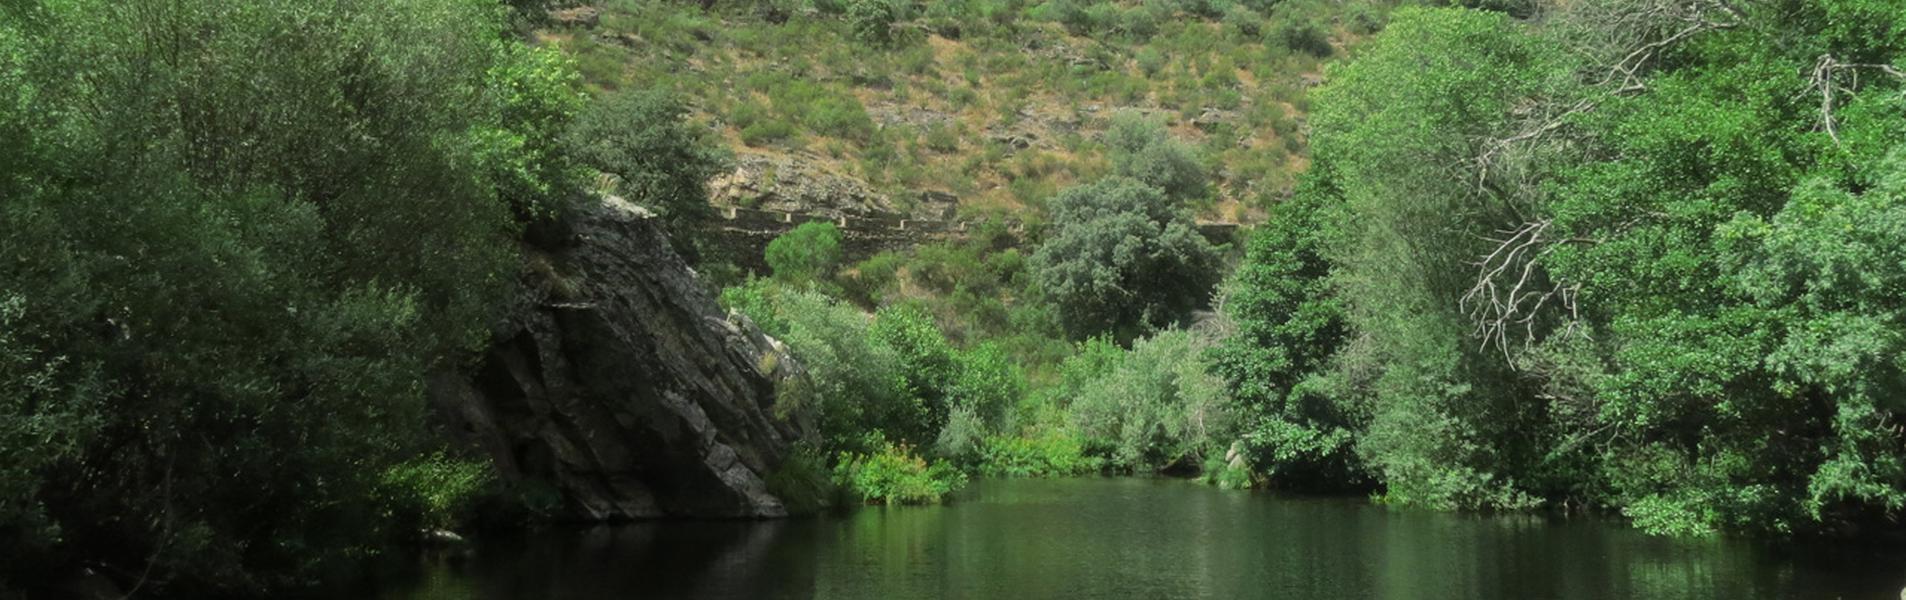 Alagón del Río